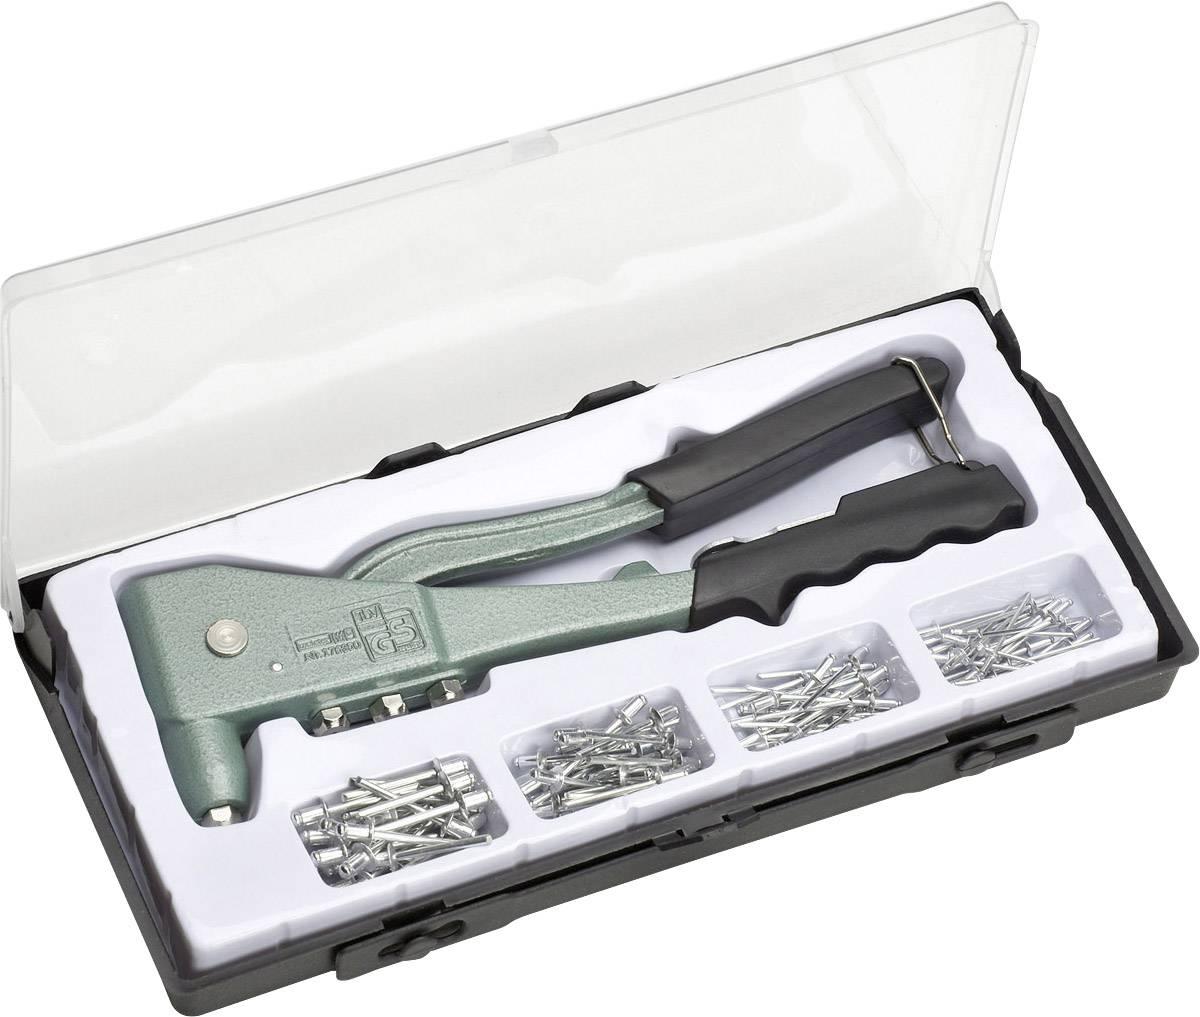 Sada nýtovacích kleští Meister Werkzeuge 100 st, včetně 100 ks nýtů